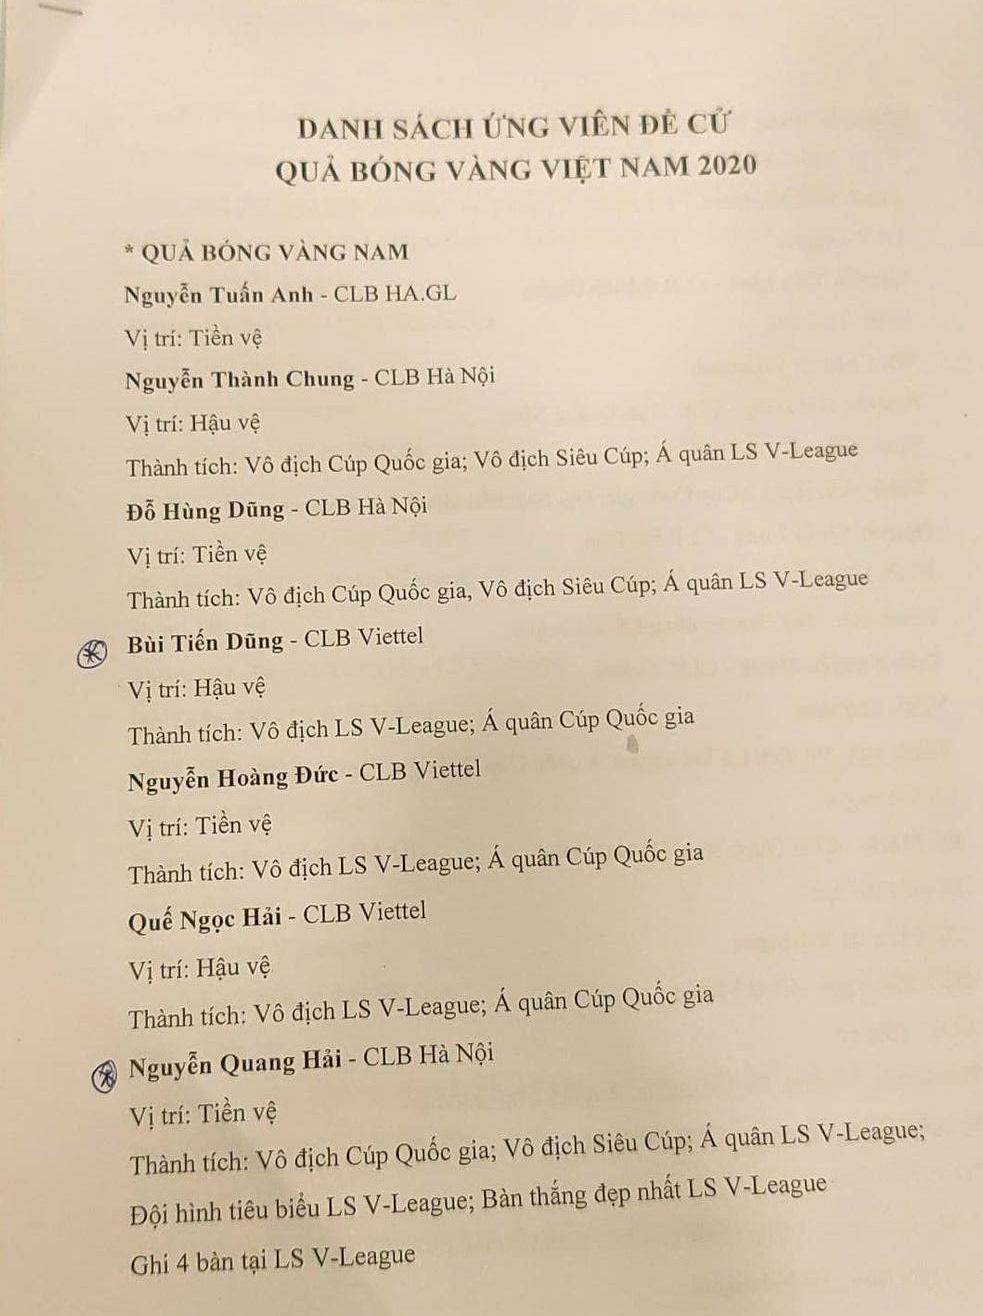 """Danh sách đề cử Quả bóng vàng Việt Nam 2020: Tuấn Anh """"tay trắng"""" lạc lõng giữa dàn cầu thủ đầy ắp danh hiệu - Ảnh 2."""